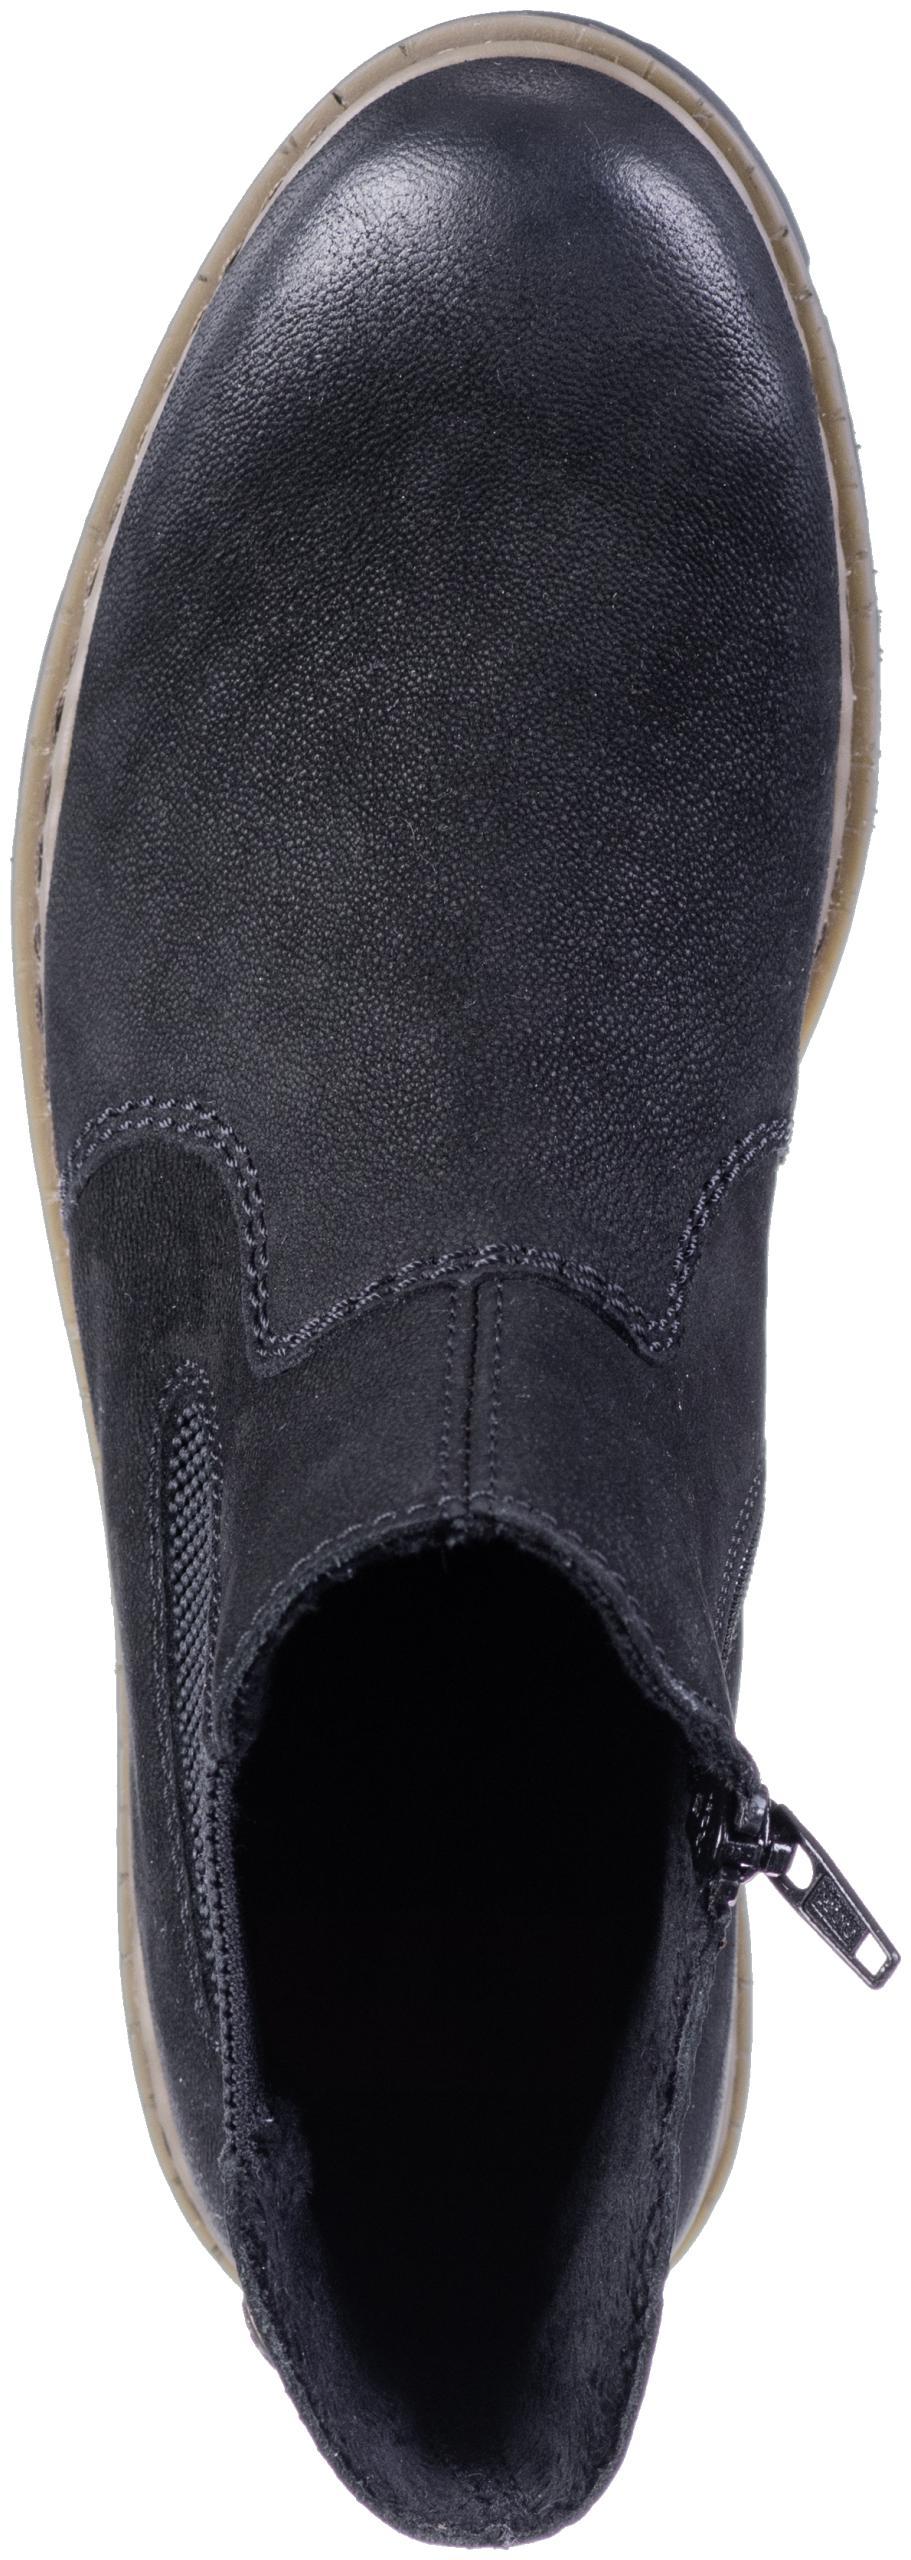 RIEKER Stiefelette schwarzschwarz